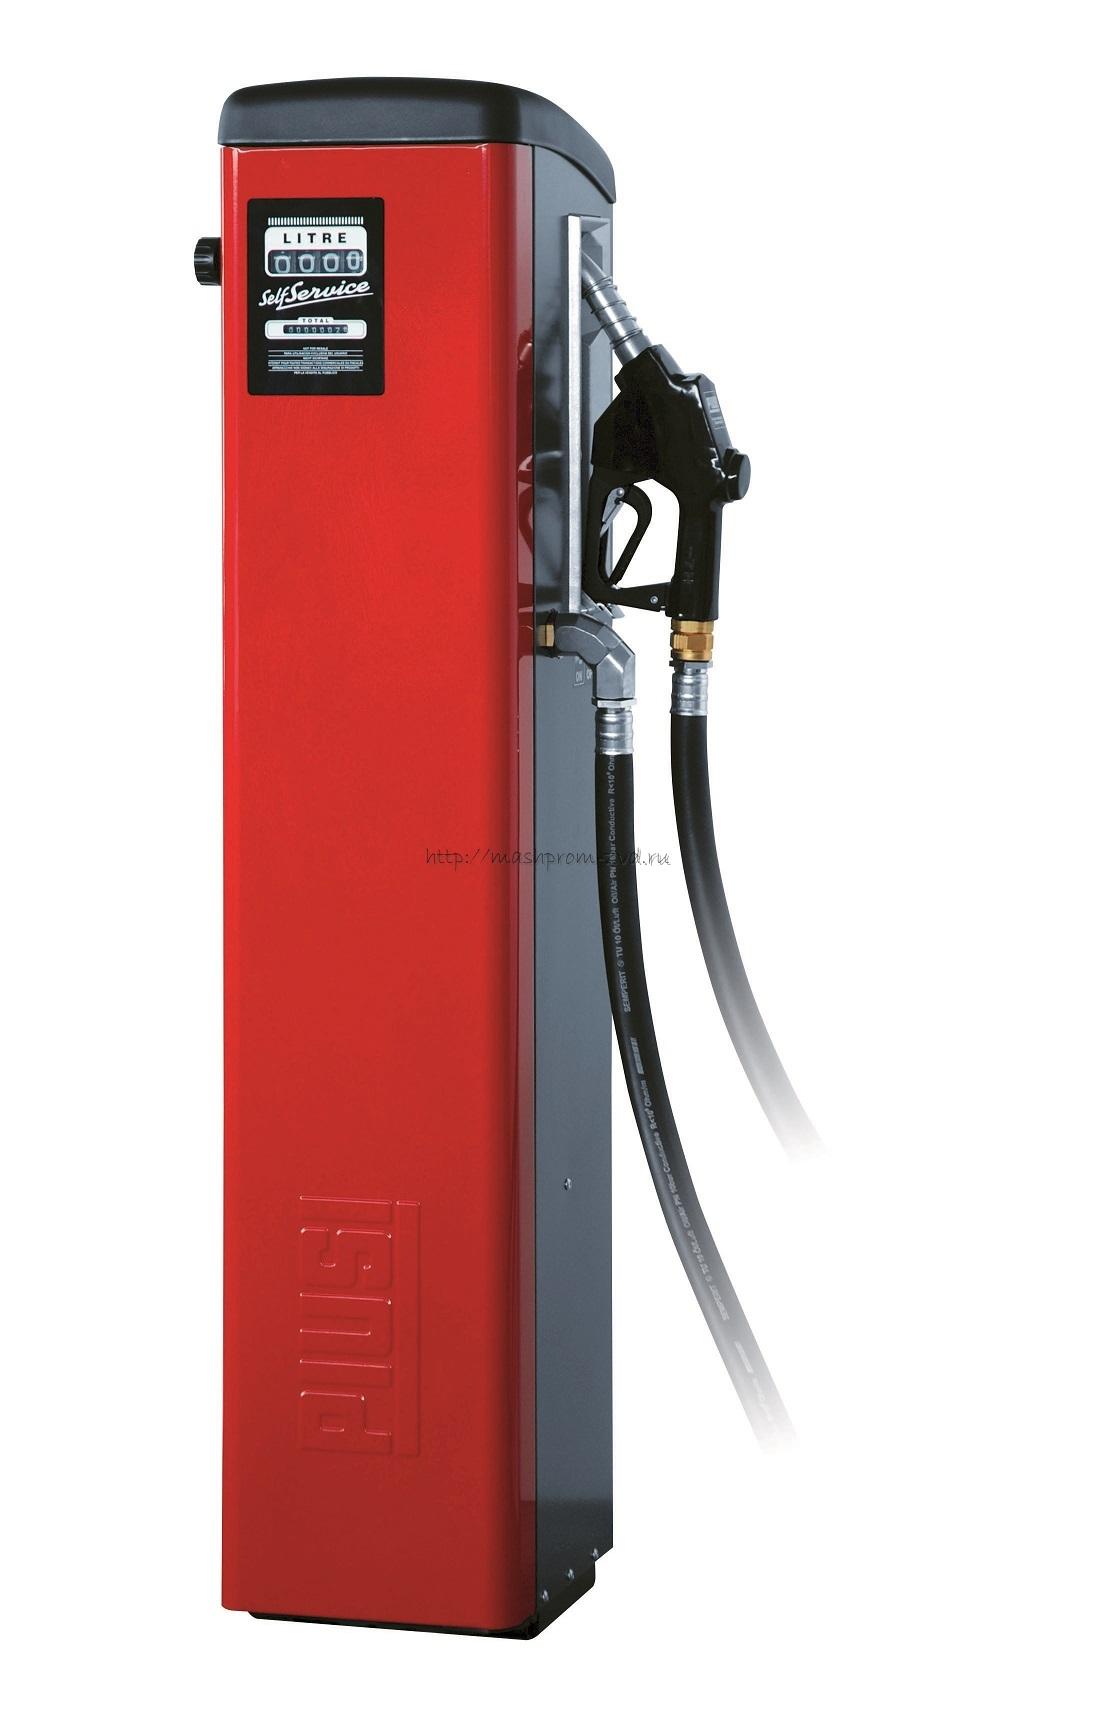 Self Service 70 K44 арт. F0073701B - Топливораздаточная колонка для ДТ: мех. счетчик, авт. пист., фильтр, 70 л/мин